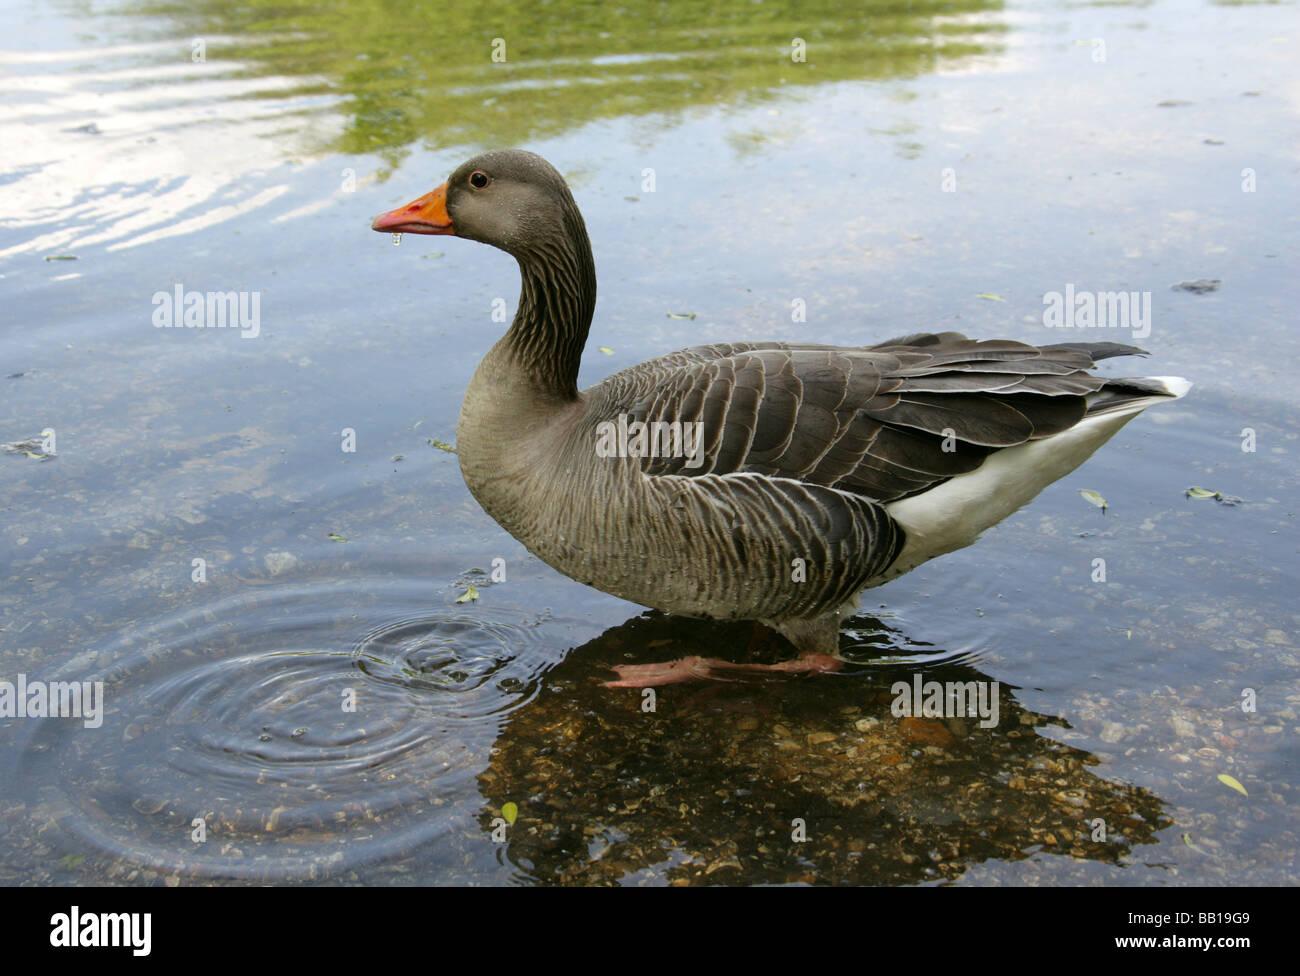 Greylag Goose, Anser anser, Anatidae - Stock Image